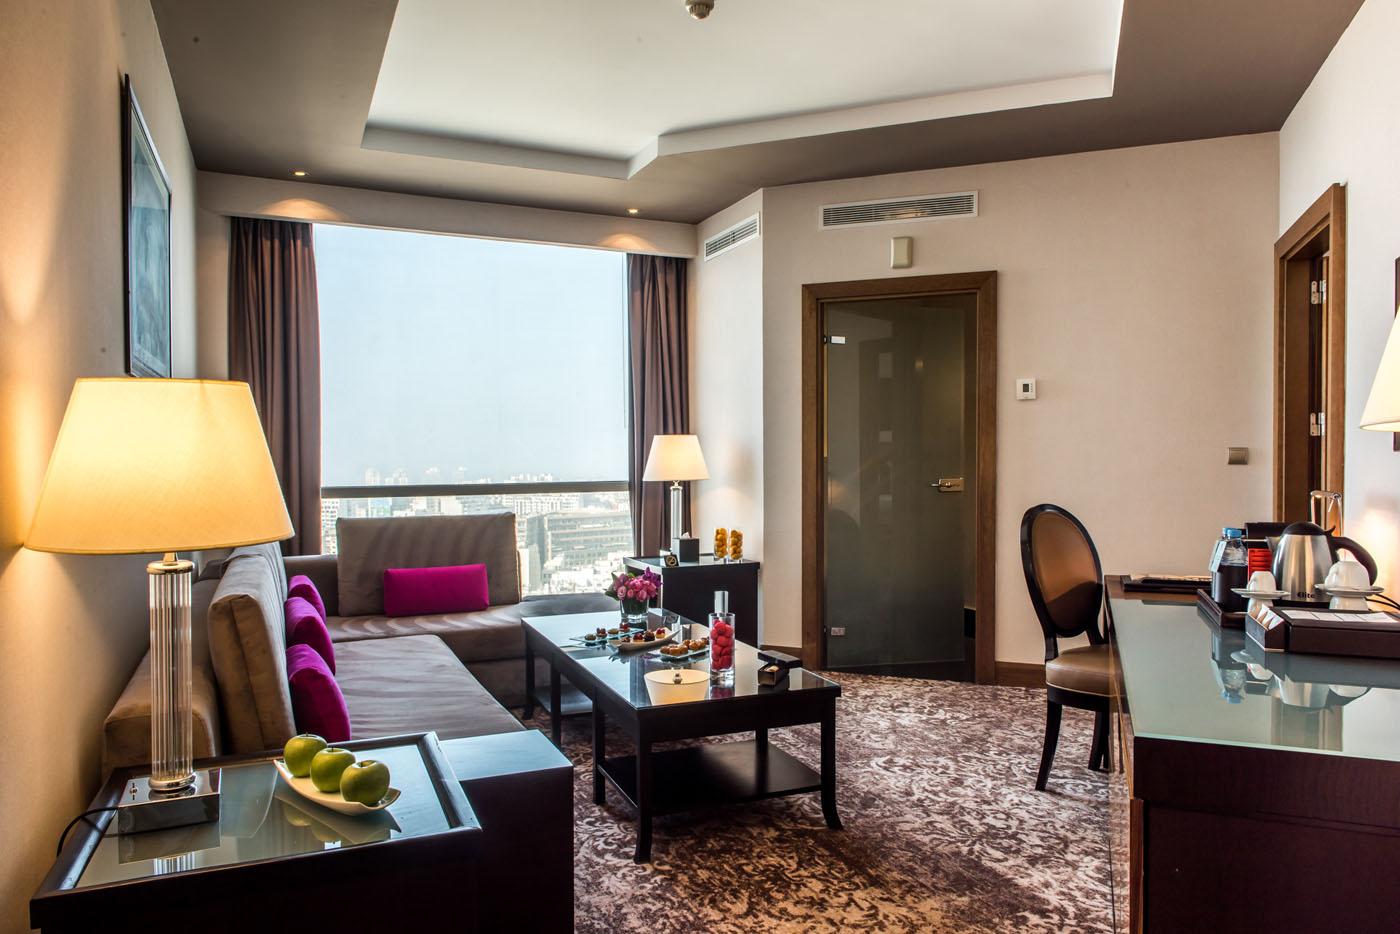 هتل کنزی تاور کازابلانکا